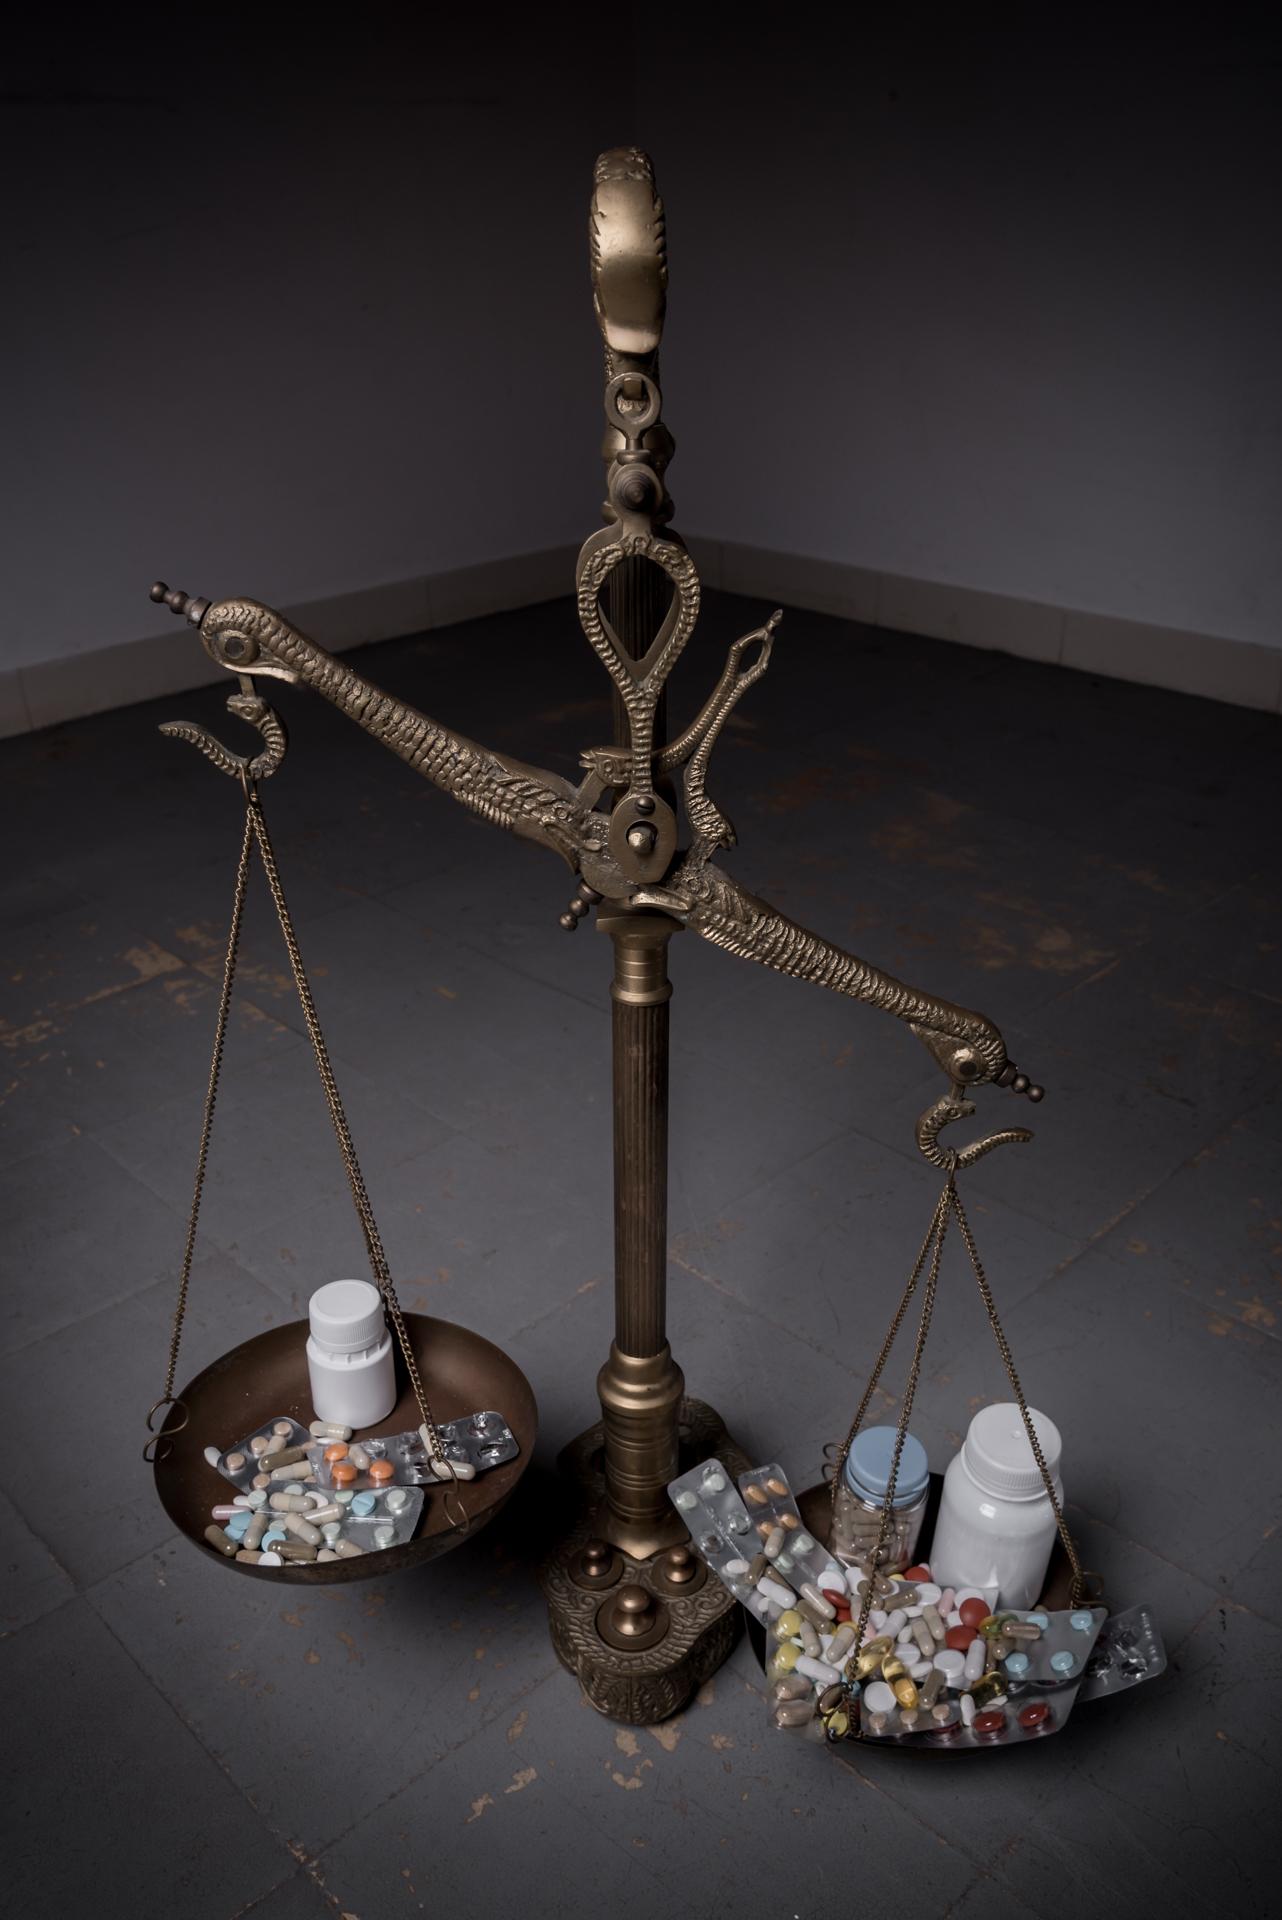 <p>De 2000 a 2012, o consumo de antidepressivos aumentou 240% e o de antipsicóticos 174%.</p>